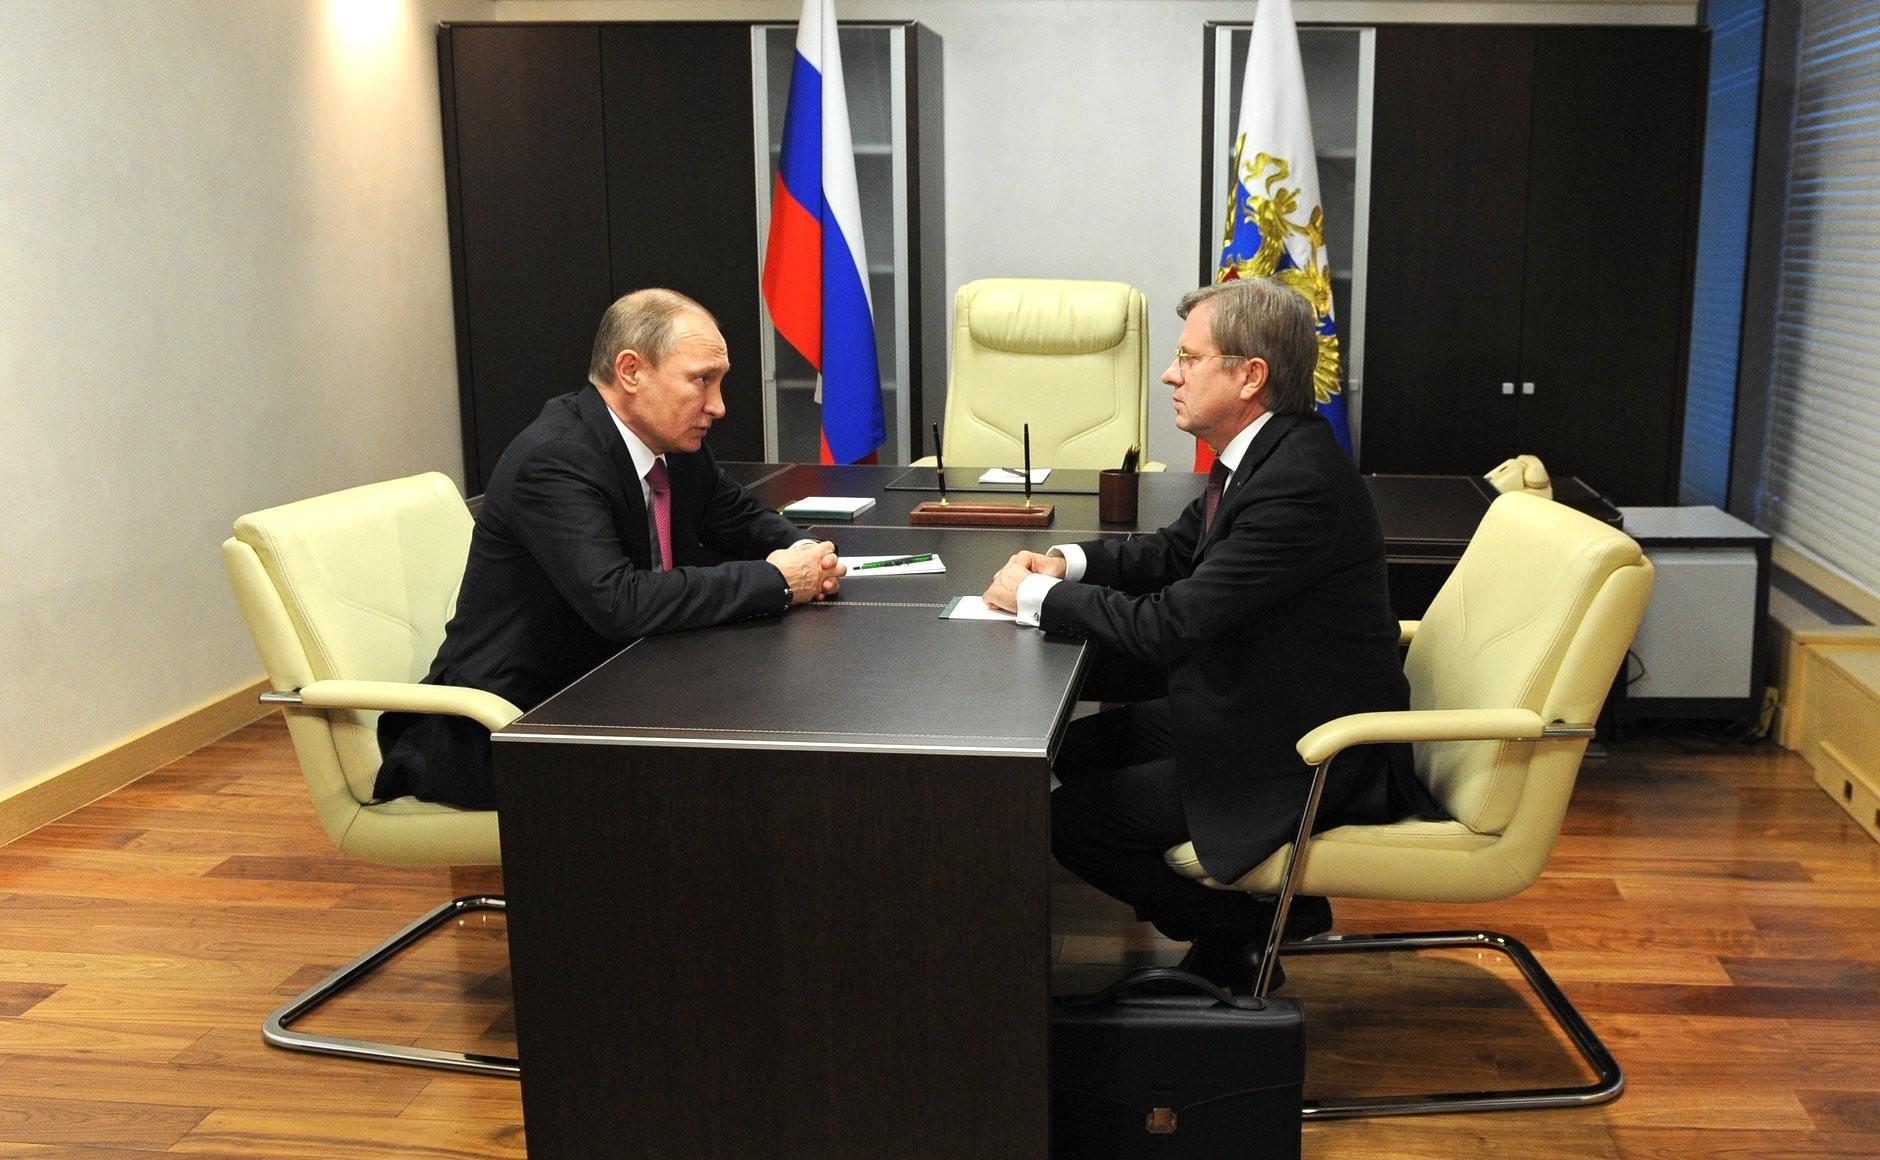 Putyin és Szaveljev (fotó: Kremlin.ru)